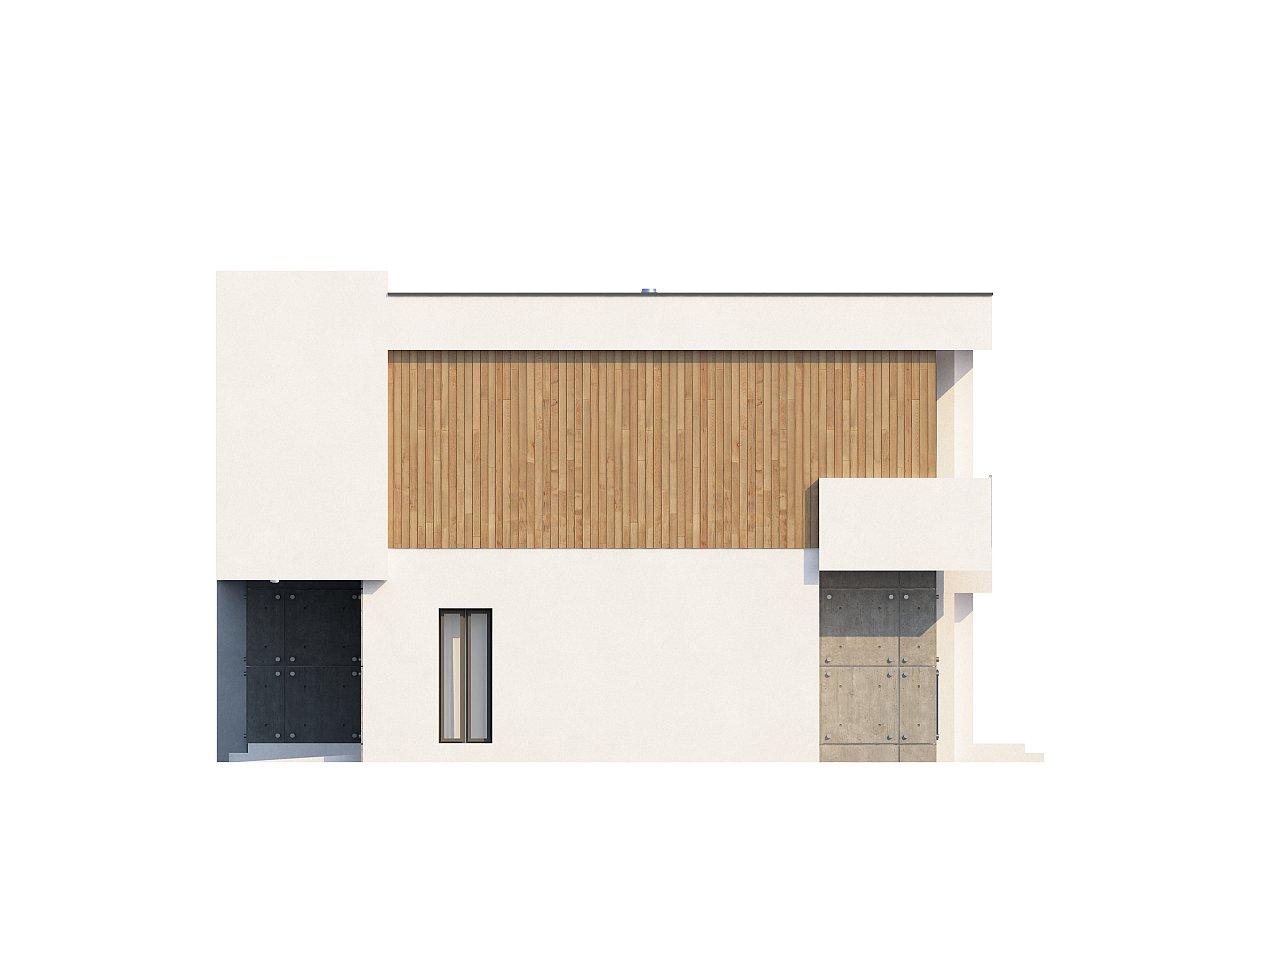 Просторный дом современного дизайна с гаражом и кабинетом на первом этаже. 6